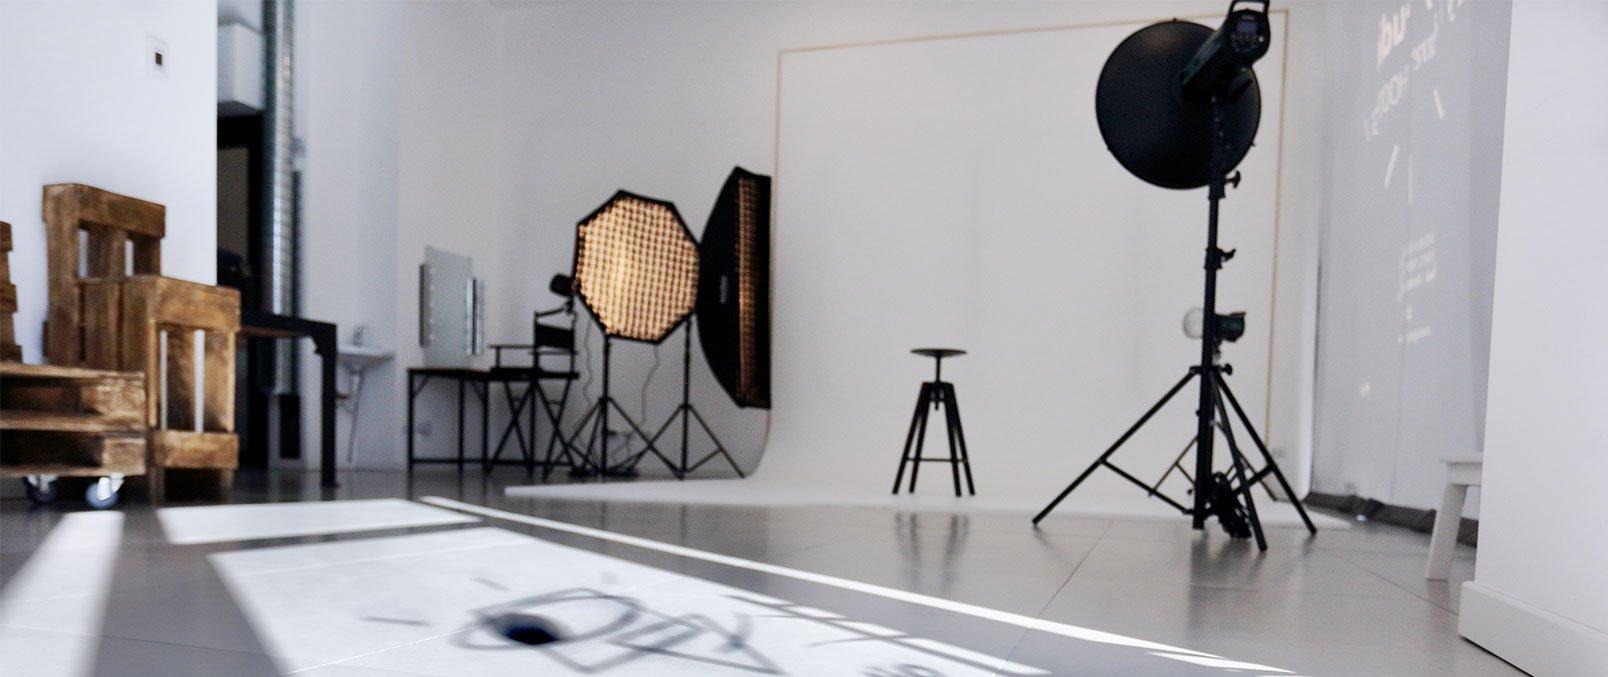 gipsy-studio-fotografico-milano-ingresso